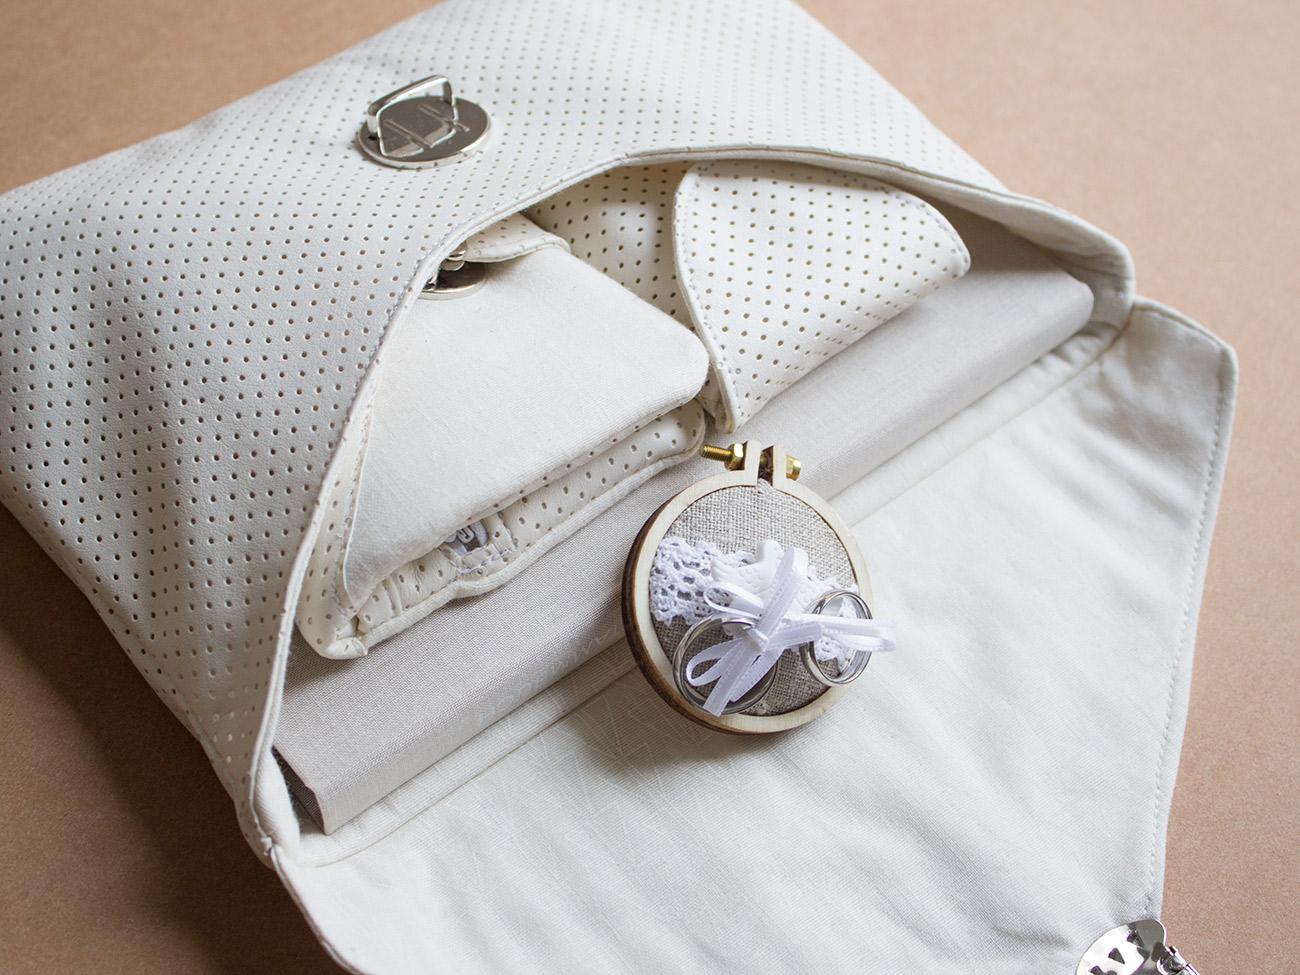 Braut-Accessoires aus Kunstleder nähen: Clutch, Geldbörse und Handytasche